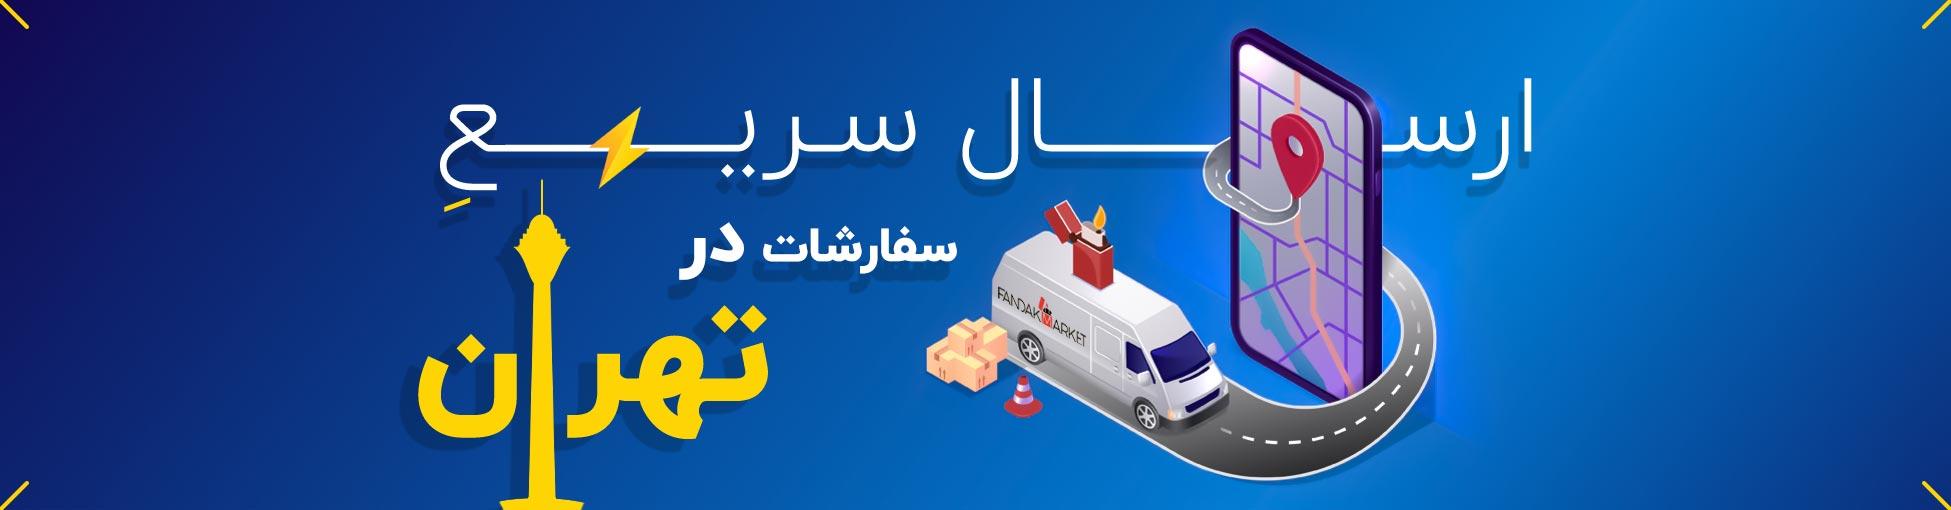 ارسال سریع سفارشات - فروشگاه اینترنتی فندک مارکت